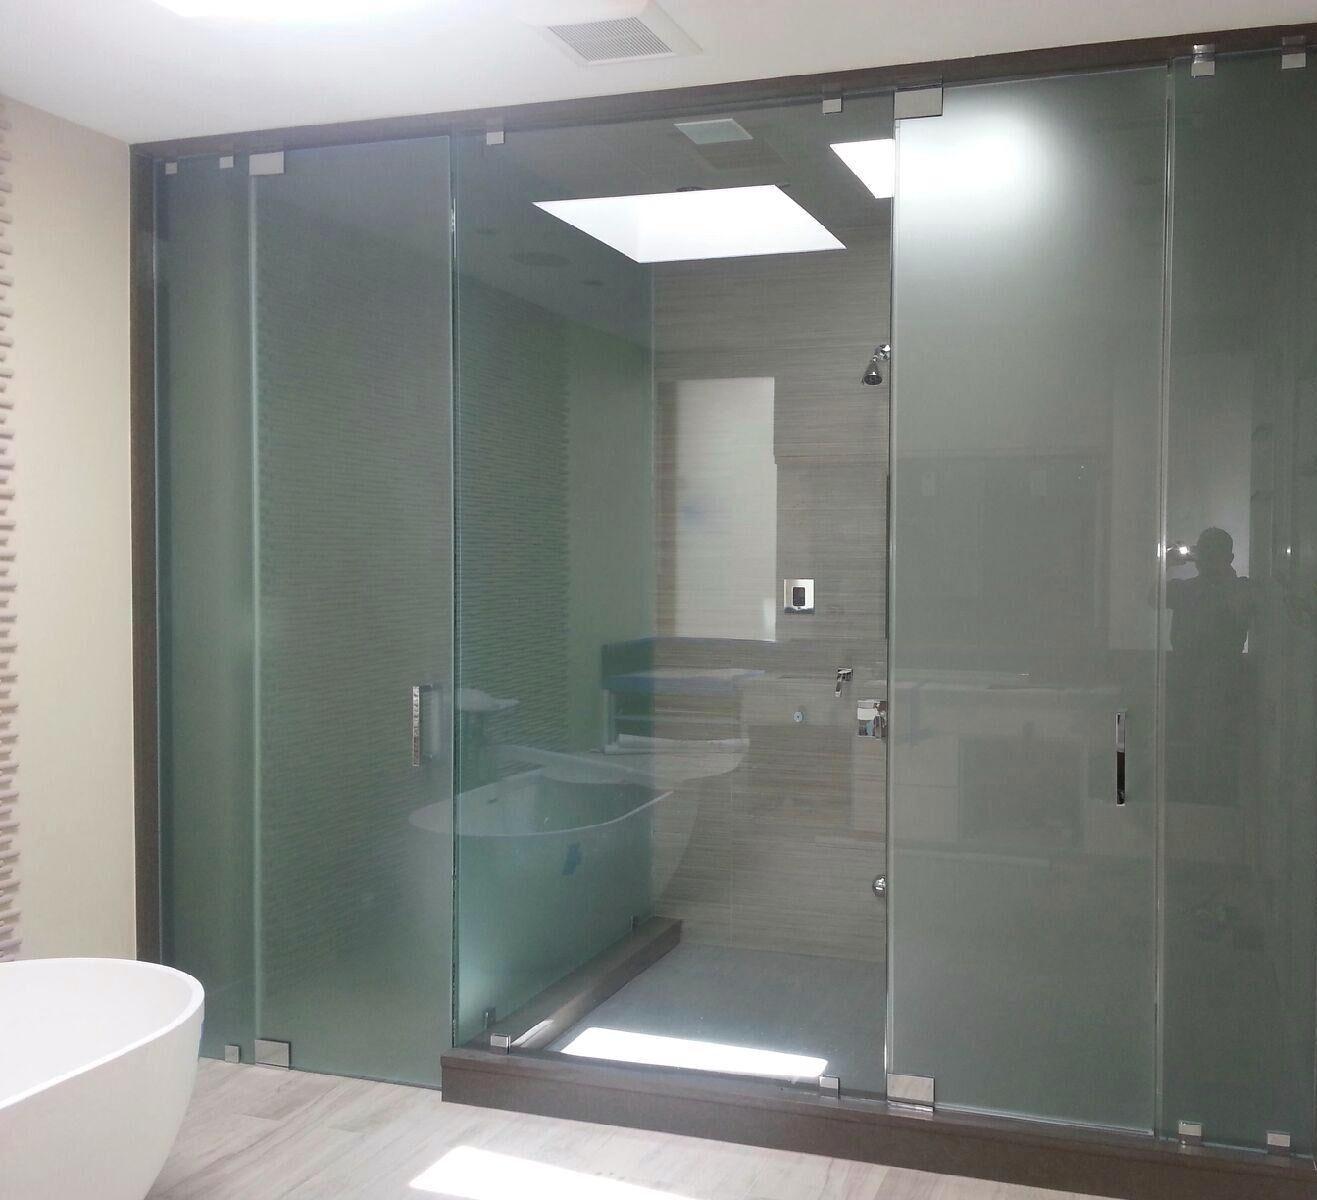 Frameless Shower & Toilet Area combo 6.6.14-min